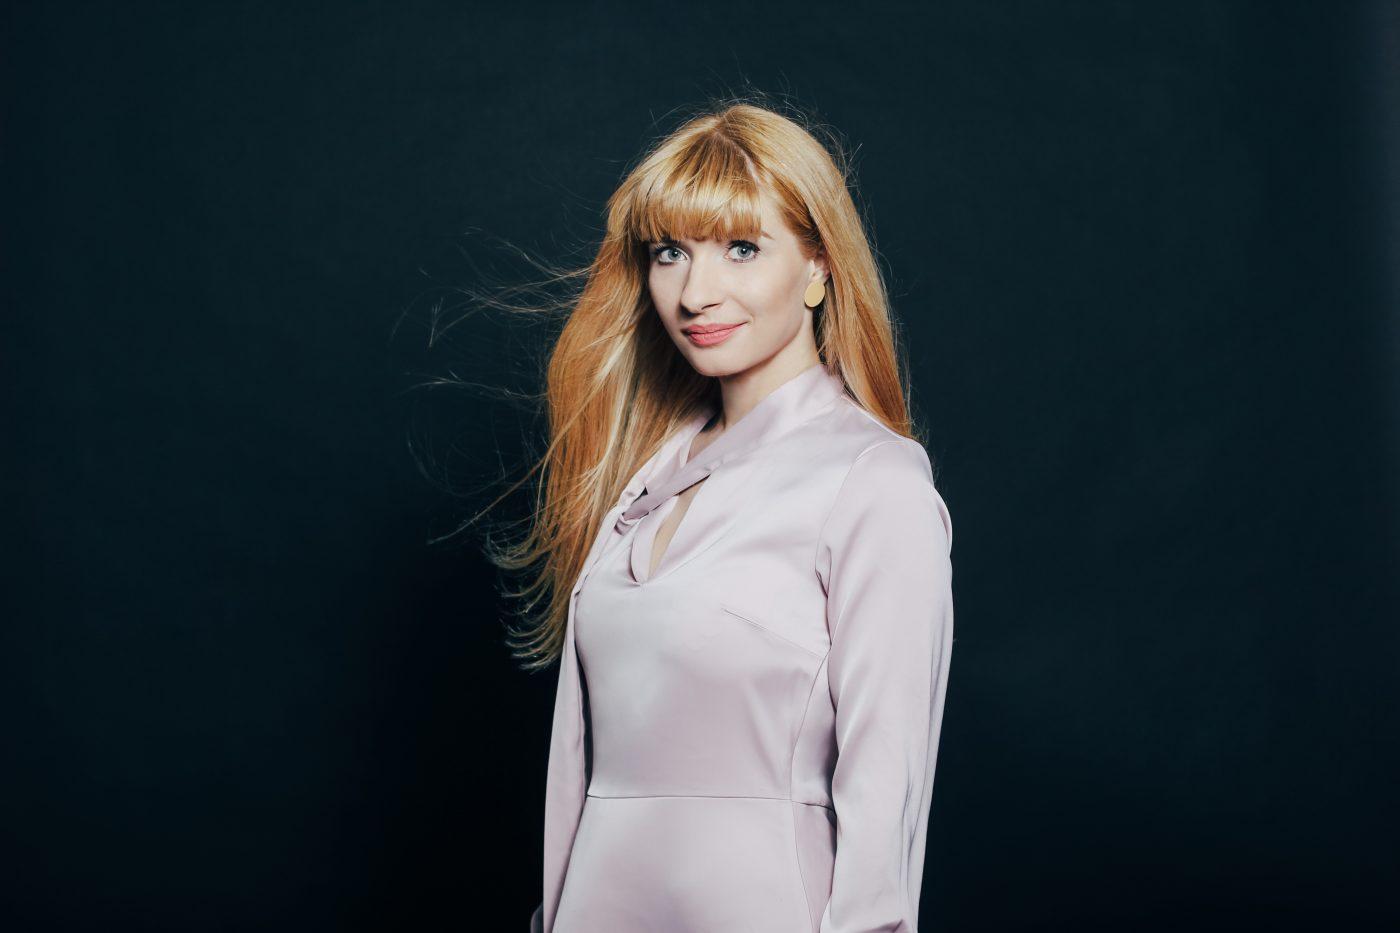 Ruxandra Babici